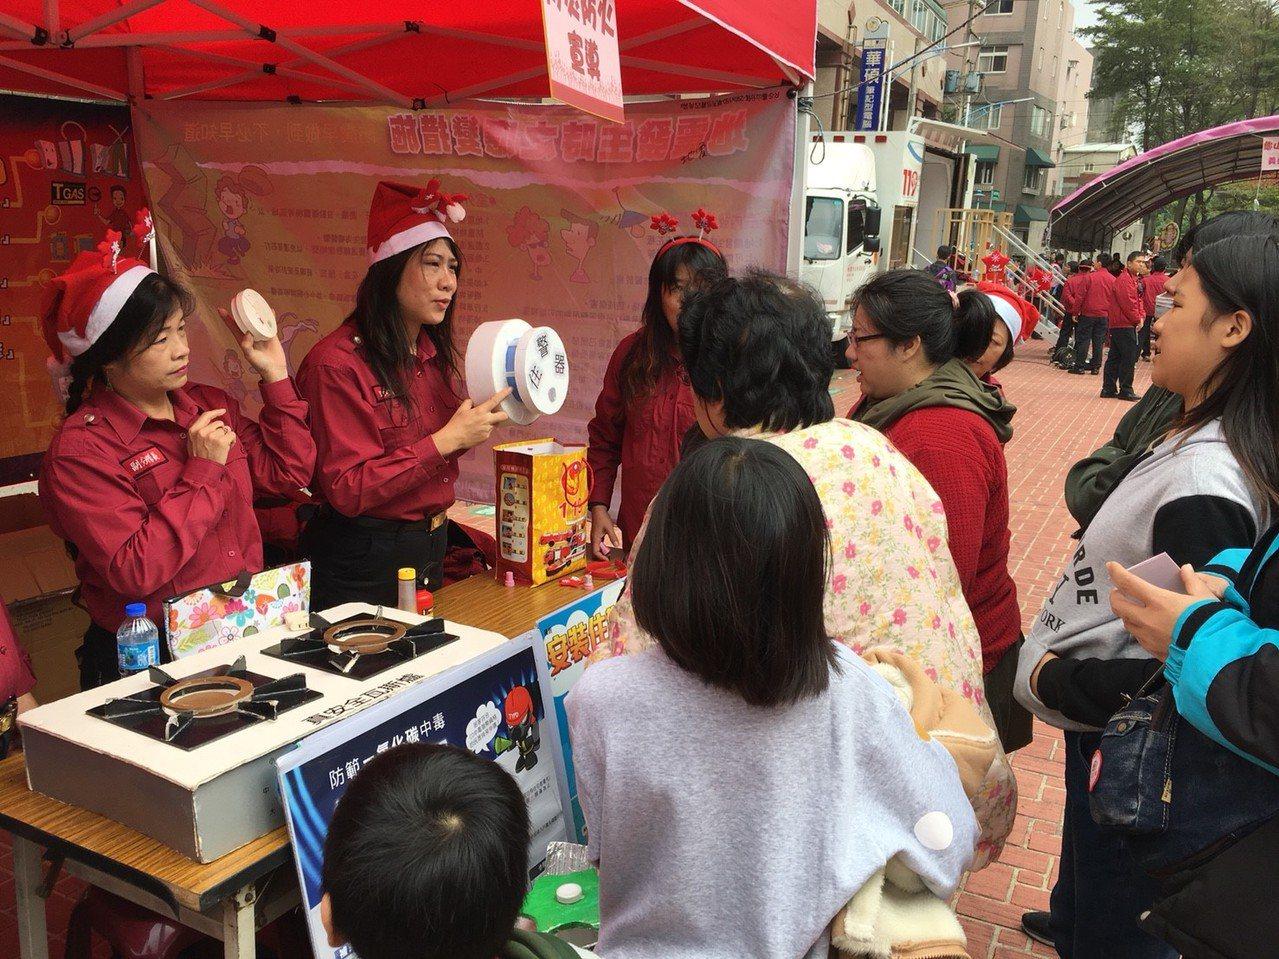 龜山消防隊和義消中隊今天舉辦防火宣導活動,邀在地弱勢孩童參與,還準備豐盛的耶誕大...